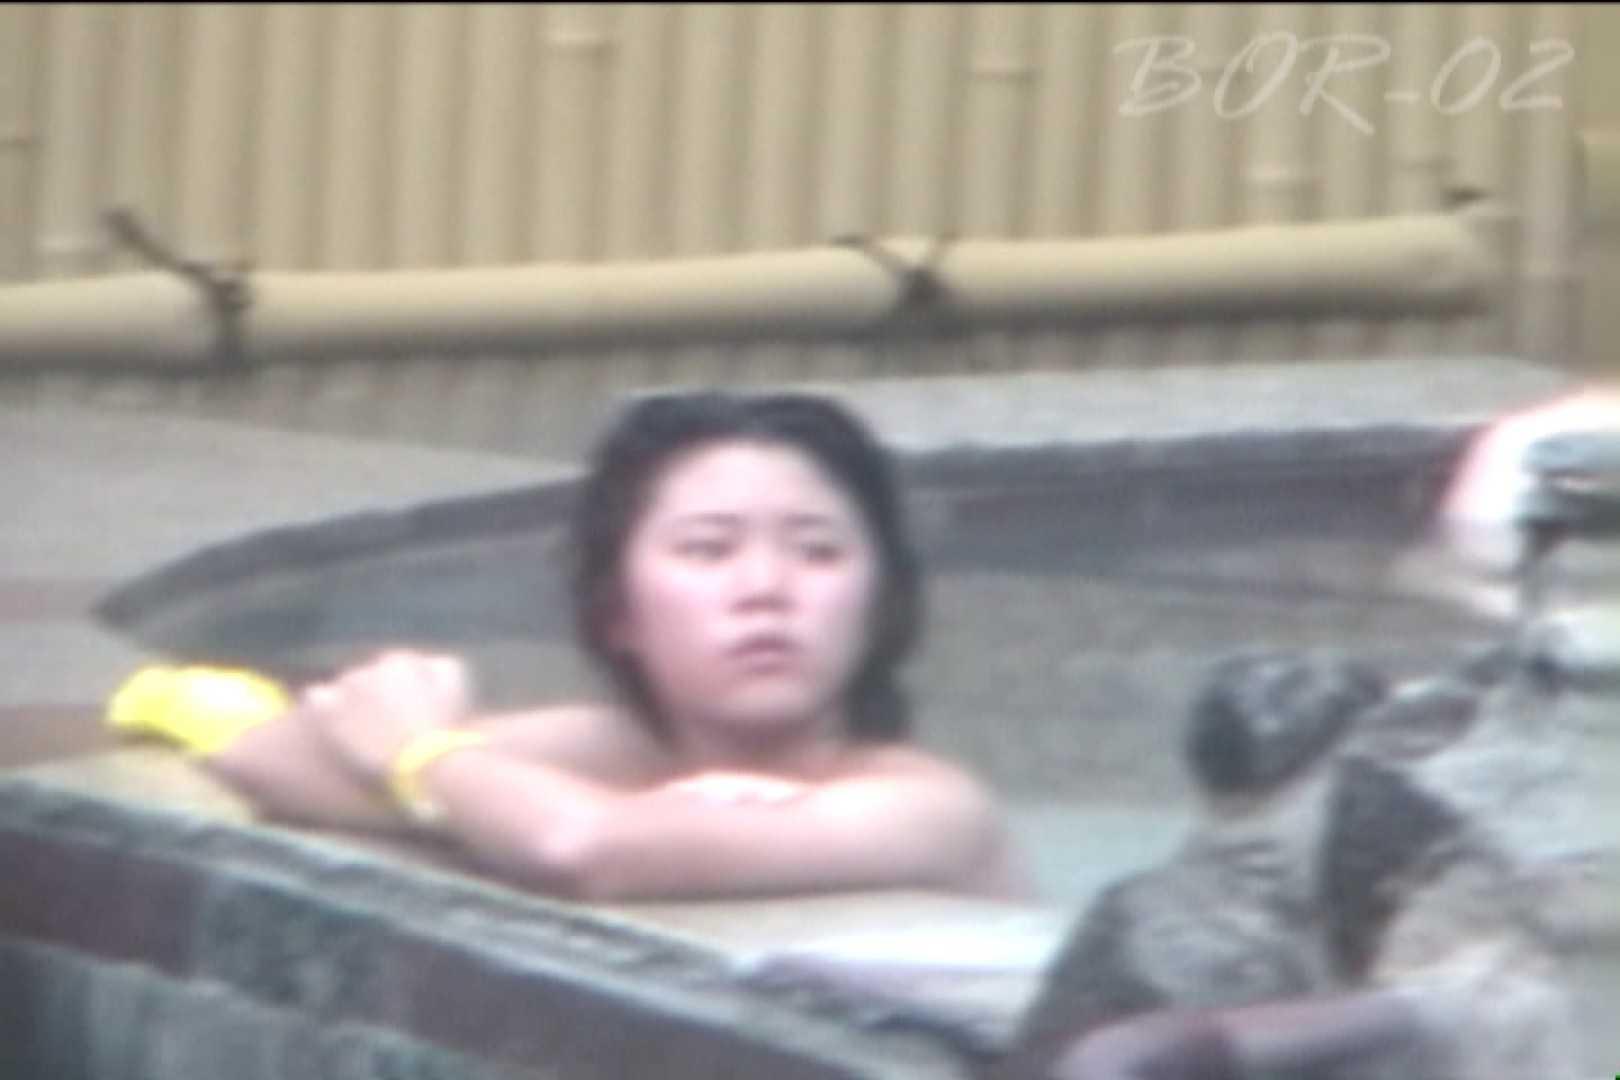 Aquaな露天風呂Vol.474 露天 | OLすけべ画像  87連発 4